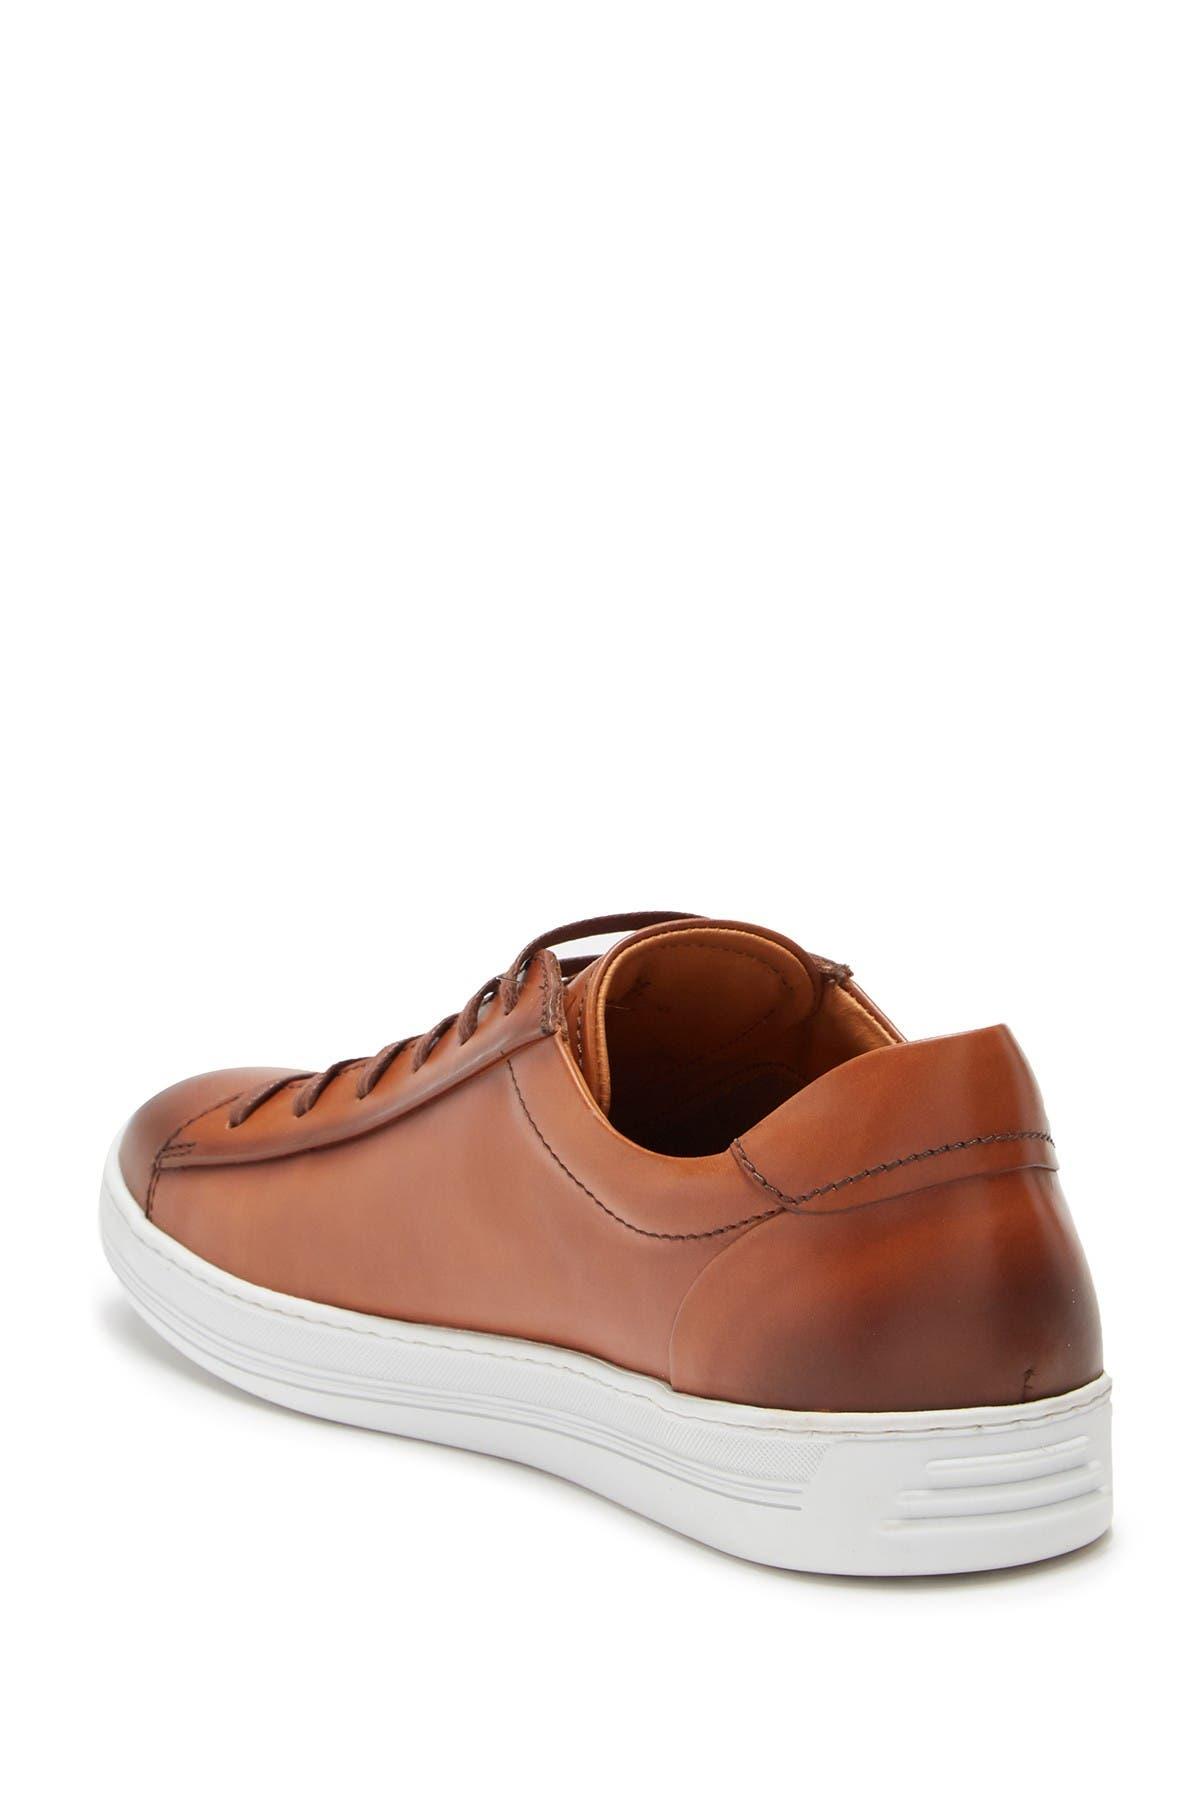 To Boot New York | Ranger Sneaker